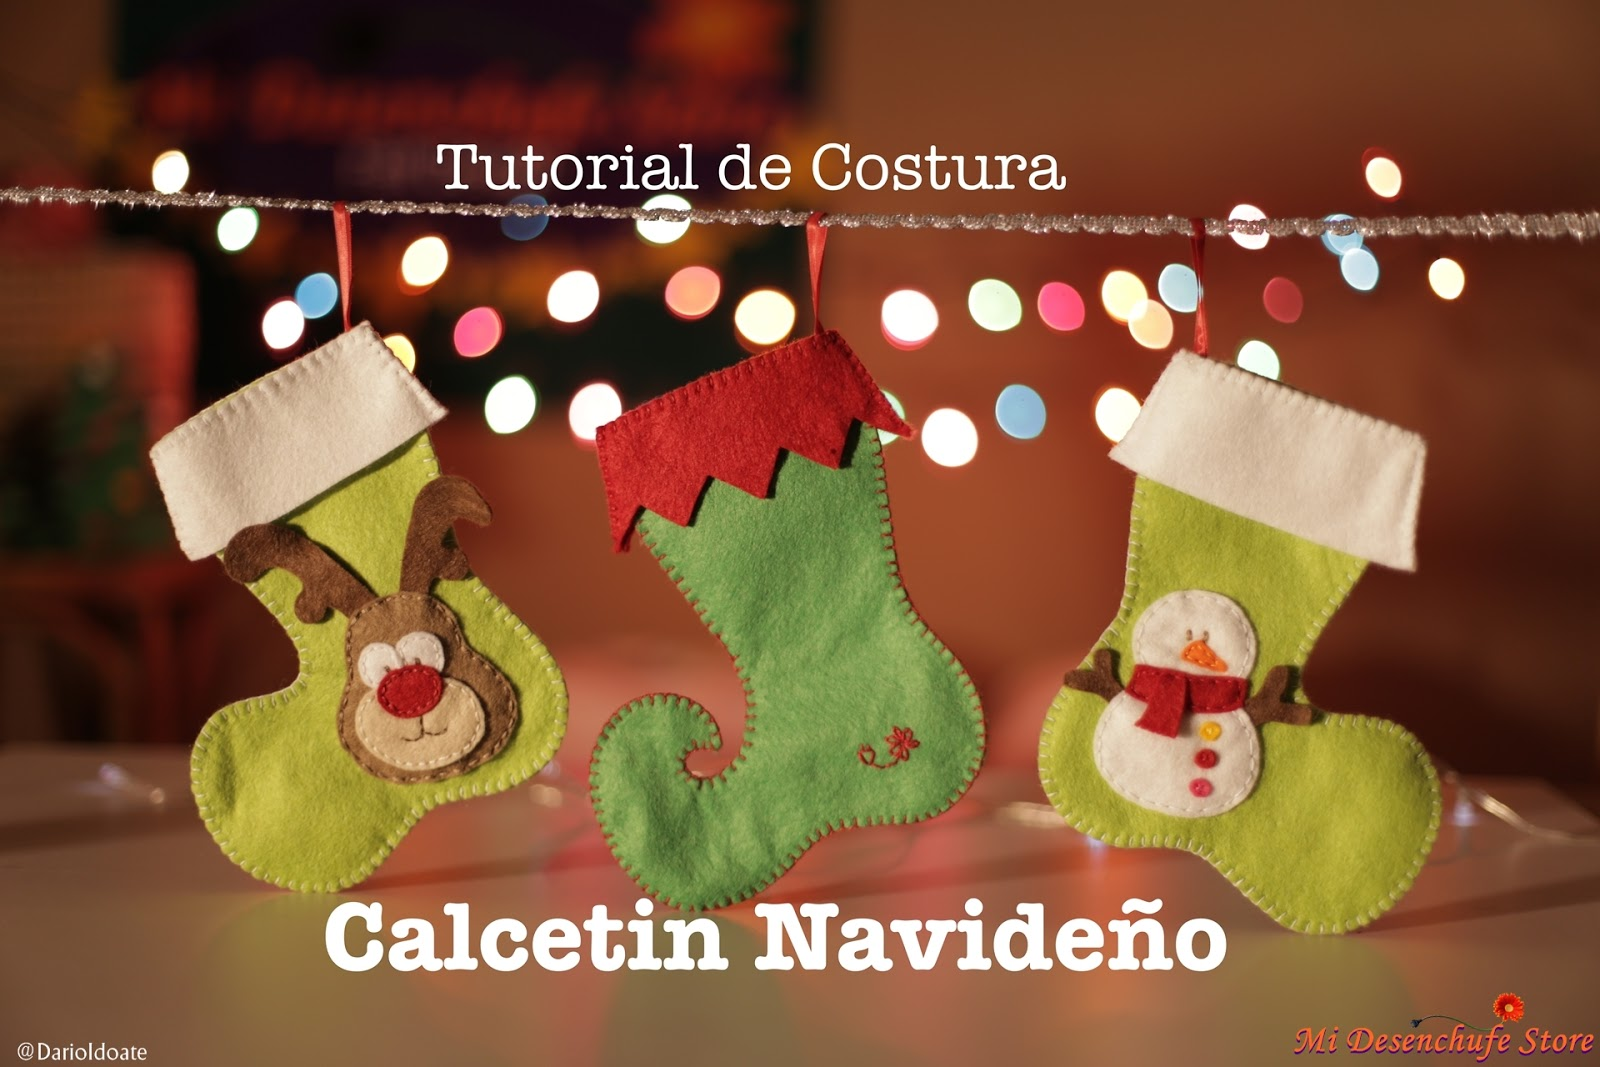 Mi Desenchufe Store: Calcetin Navideño - Videotutorial y Patrón Gratis